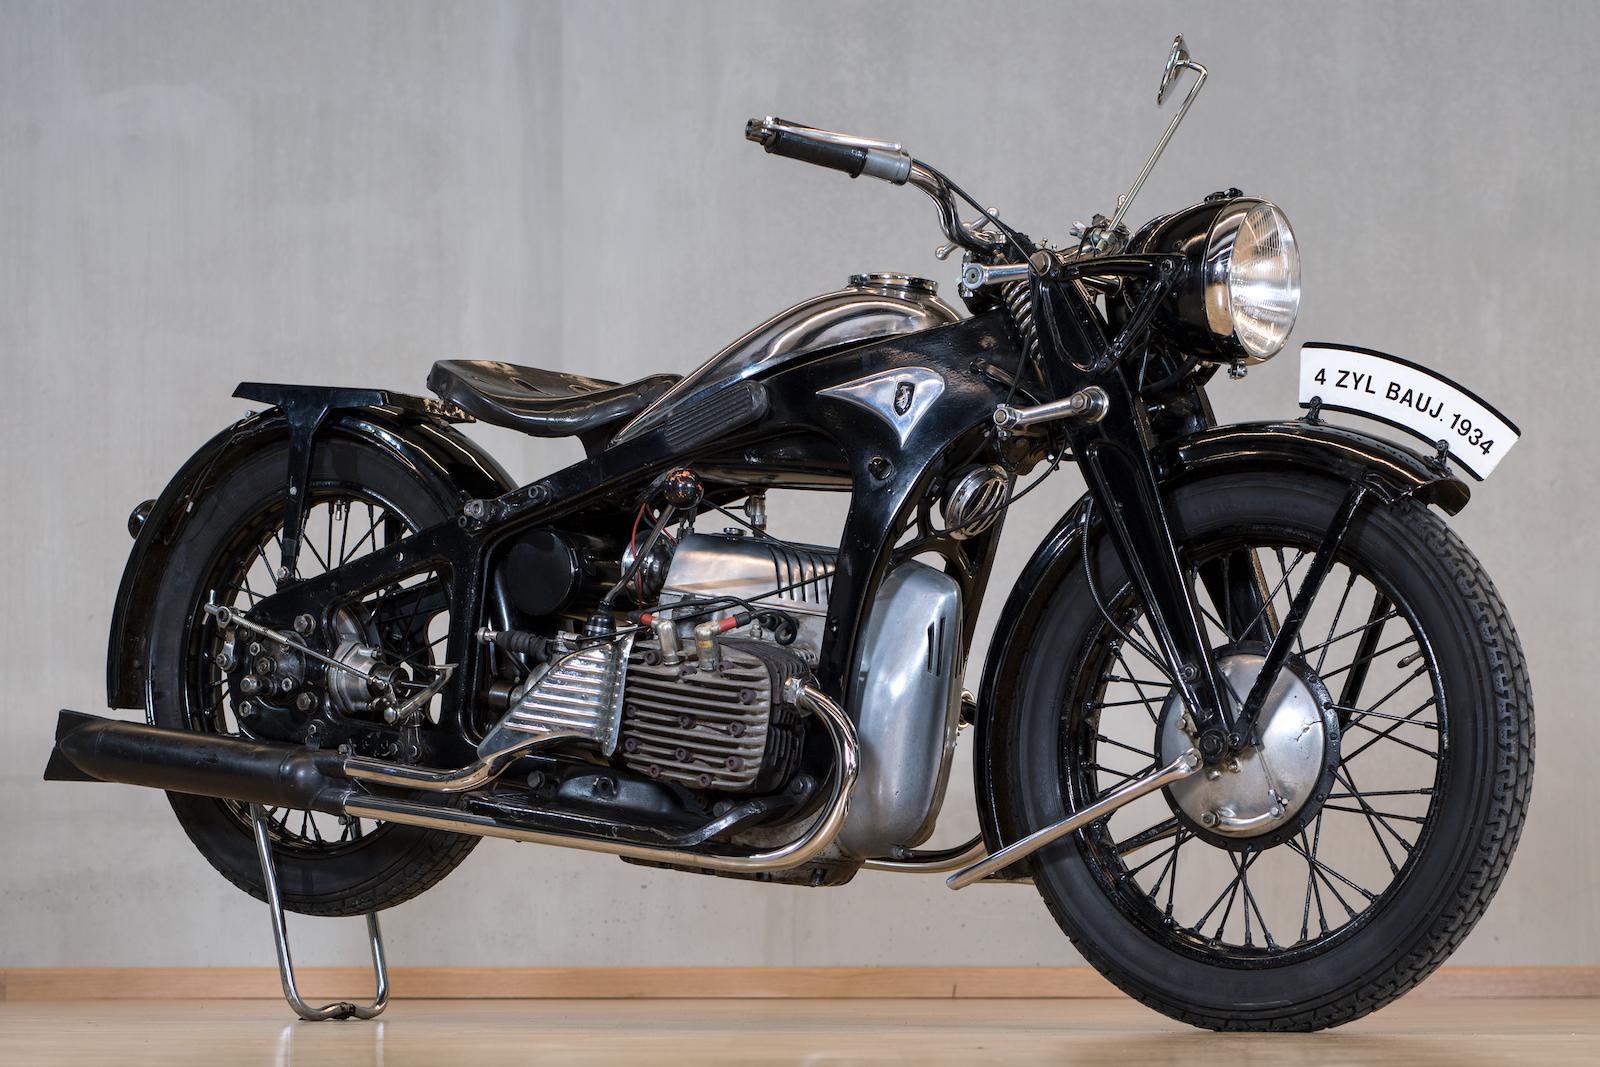 Motorrad- und Automuseum PS.SPEICHER in Einbeck (Niedersachsen). Zündapp K800 - Vierzylinder-Boxer-Motortrad von 1934.